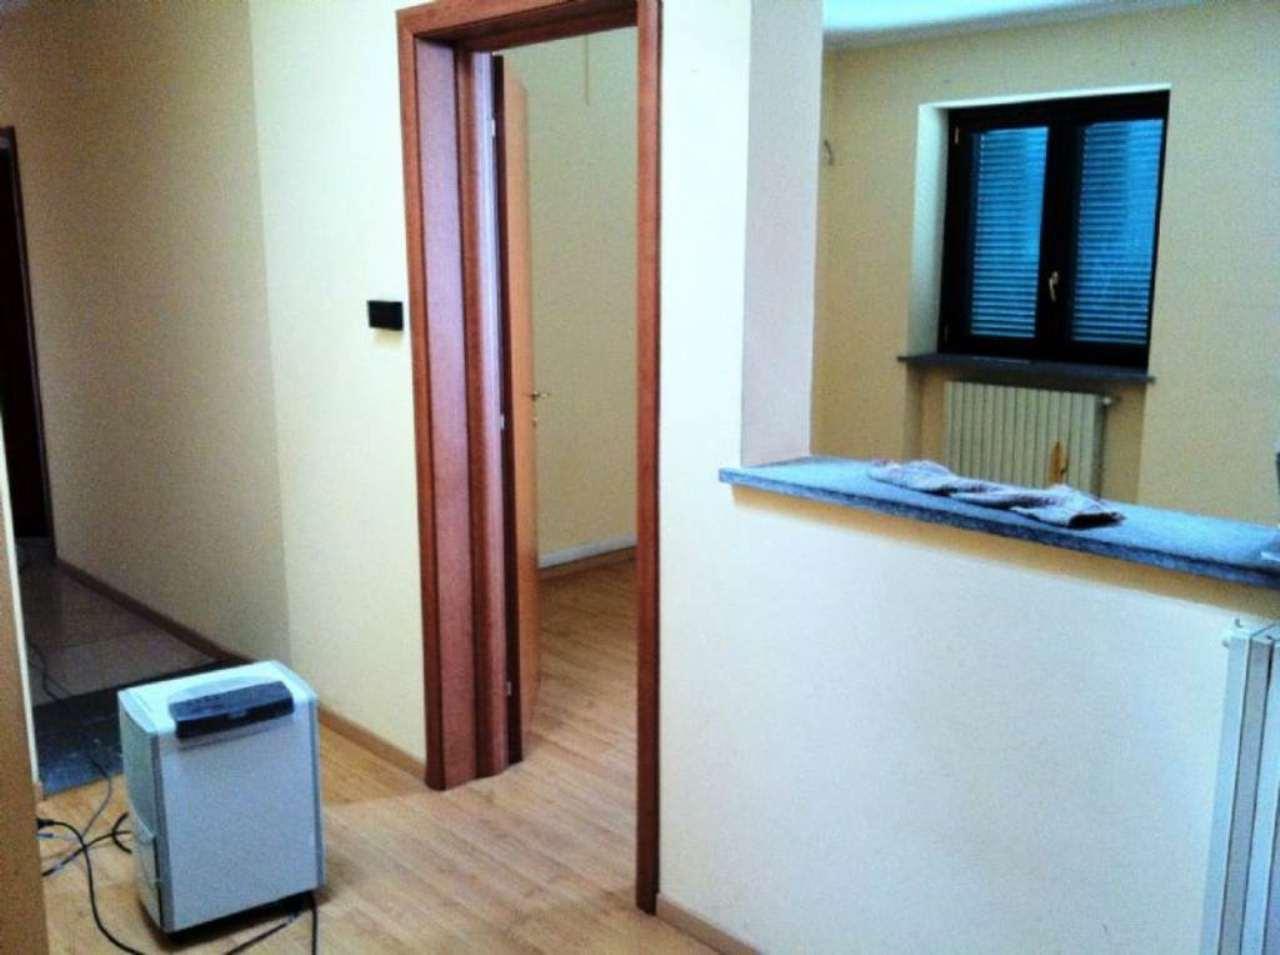 Ufficio / Studio in affitto a Santena, 1 locali, prezzo € 600 | CambioCasa.it